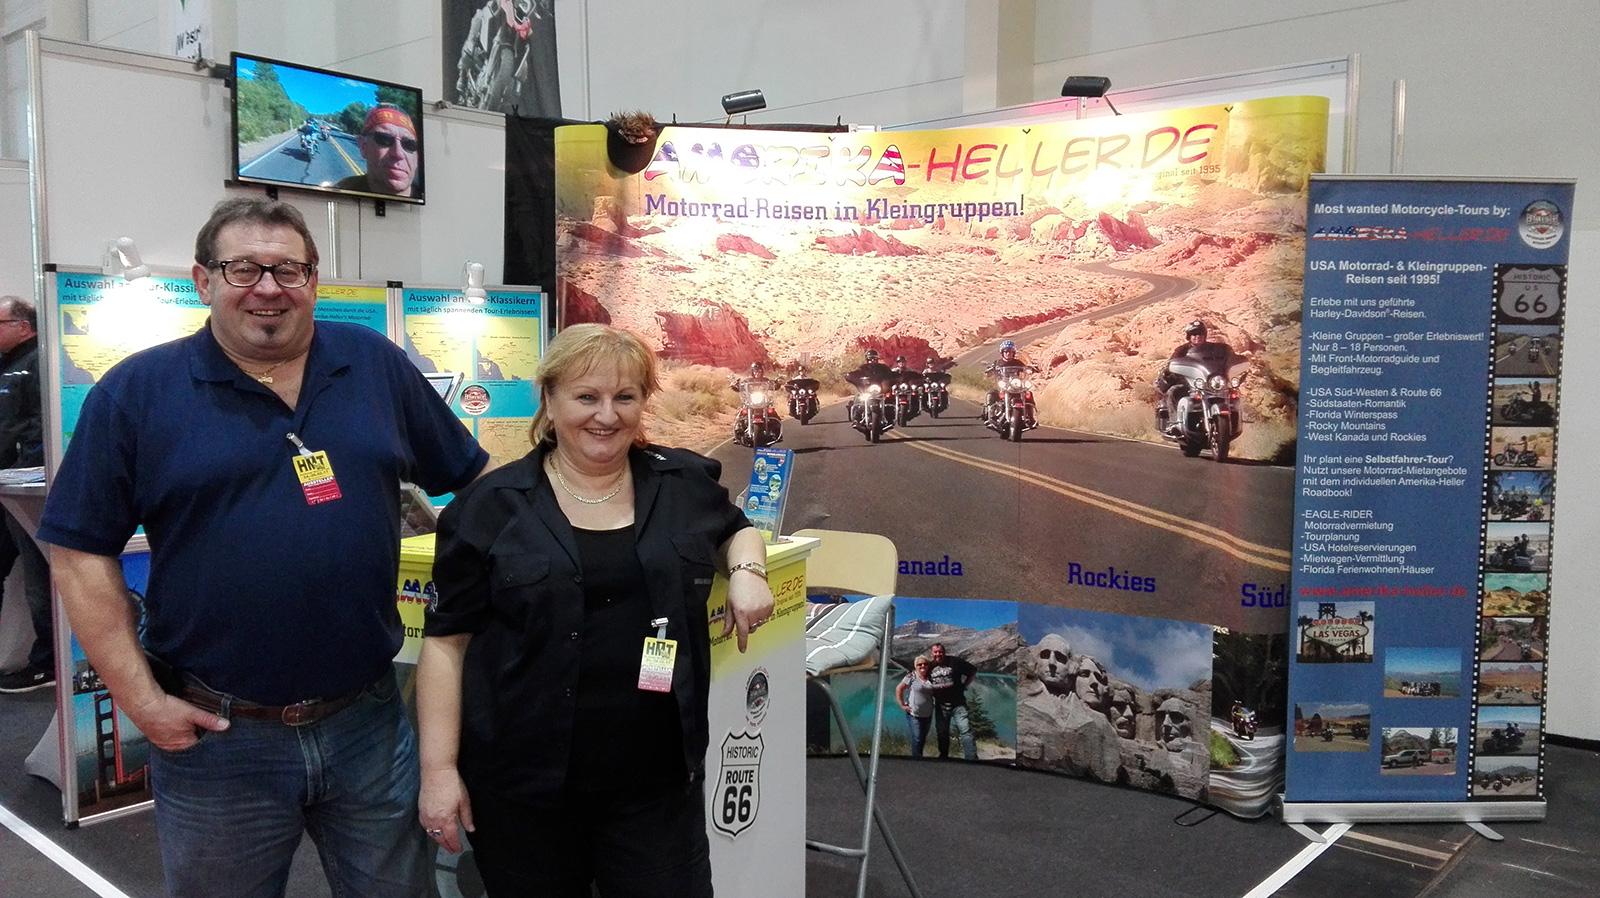 Amerika Heller Messen & Roadshows - USA Motorradreisen